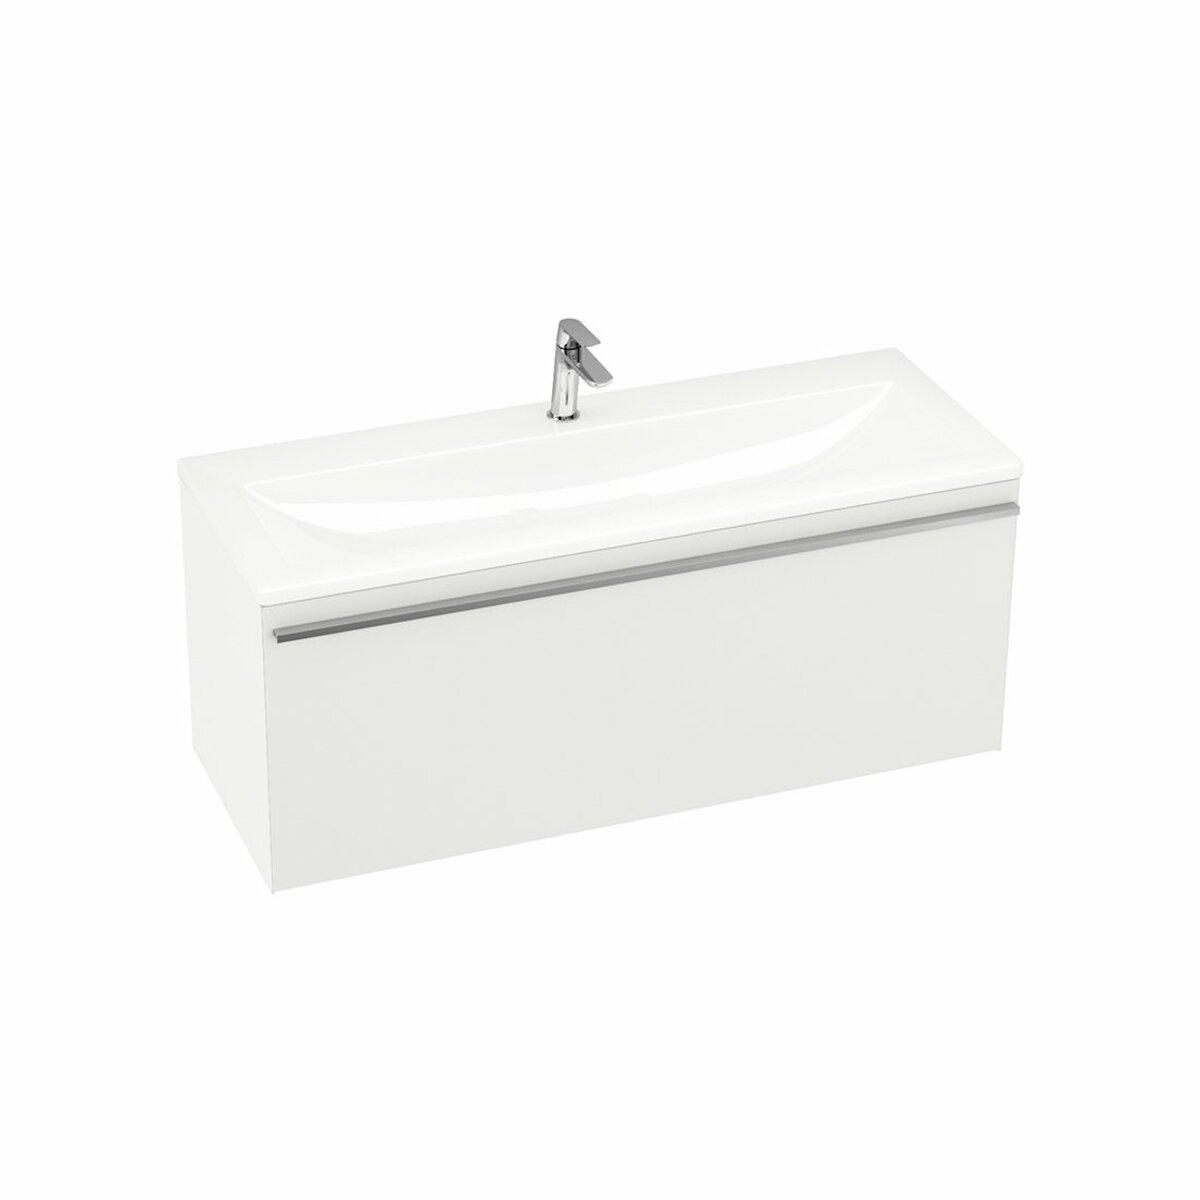 Kúpeľňová skrinka pod umývadlo Ravak Clear 100x38 cm biela X000000759